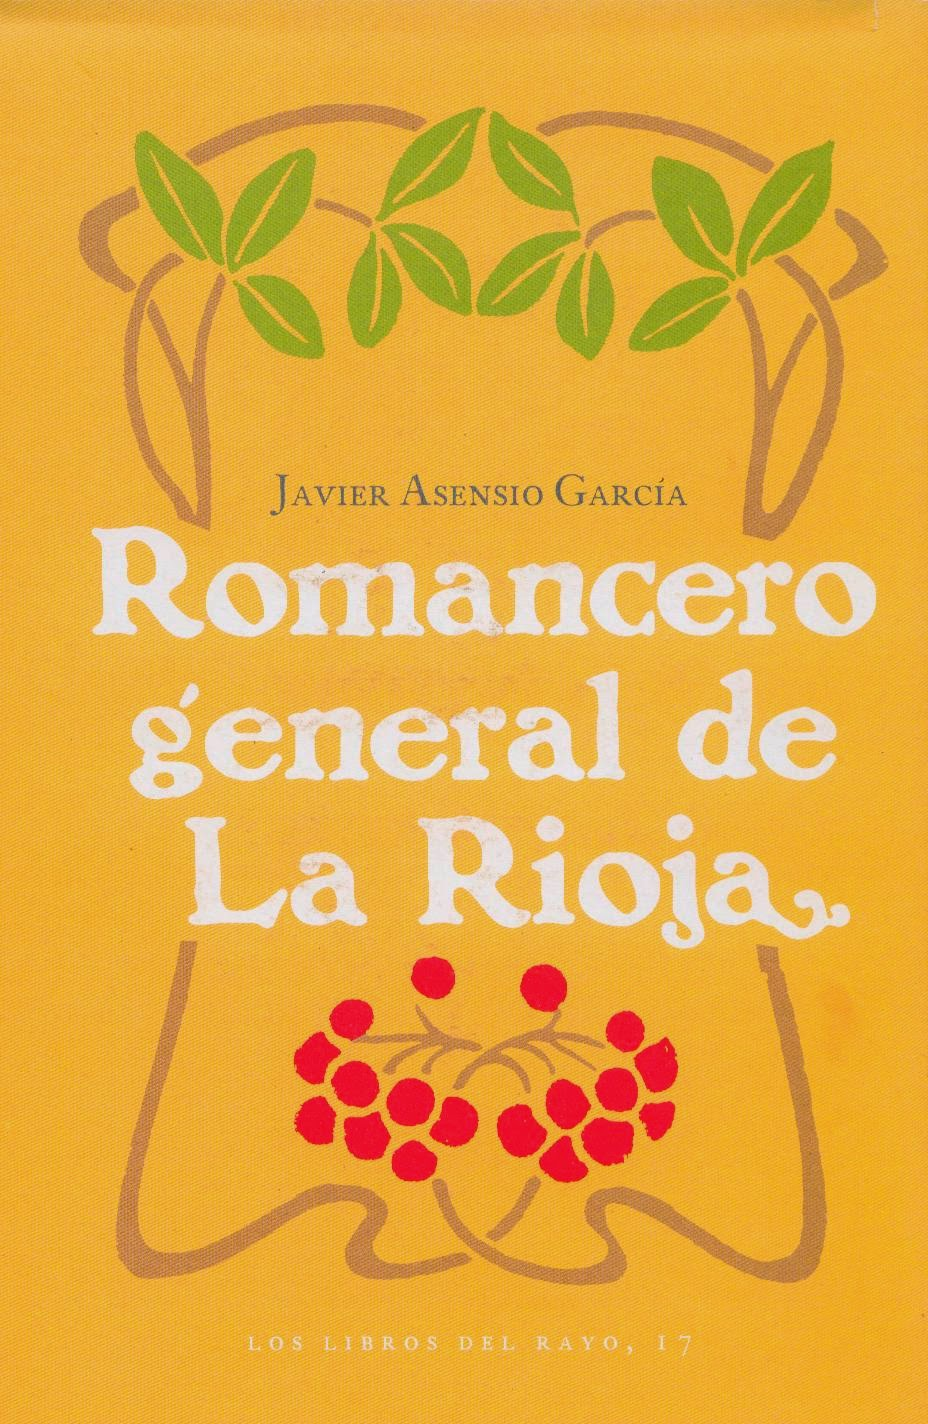 Asensio García, Javier, Romancero general de La Rioja